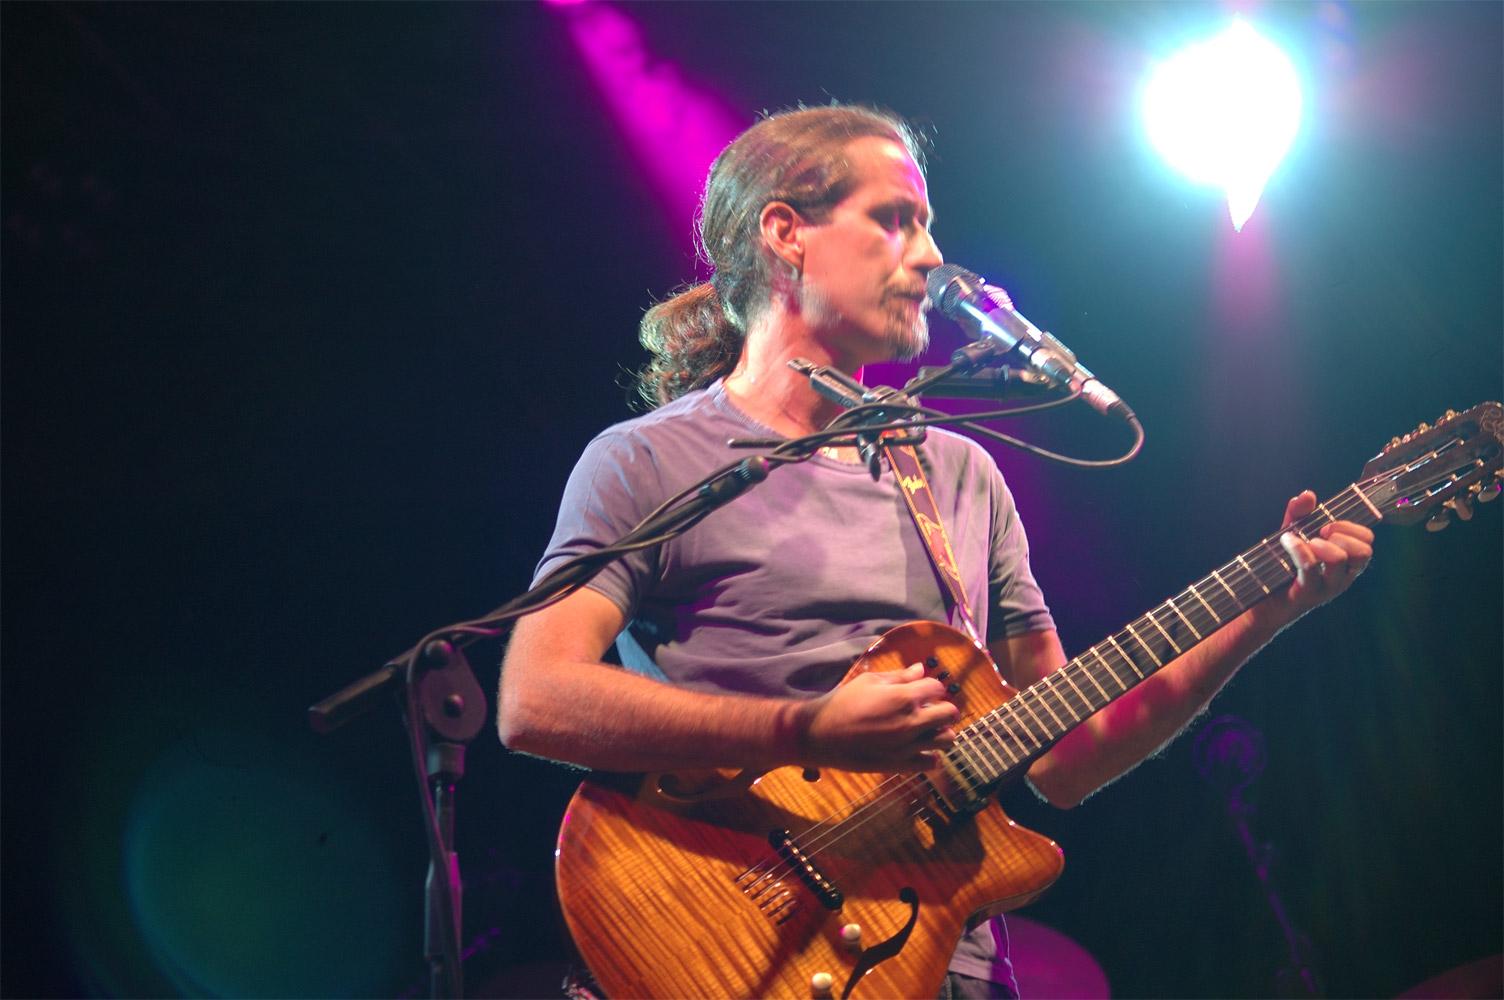 Foto colori del cantautore Daniele Silvestri in concerto